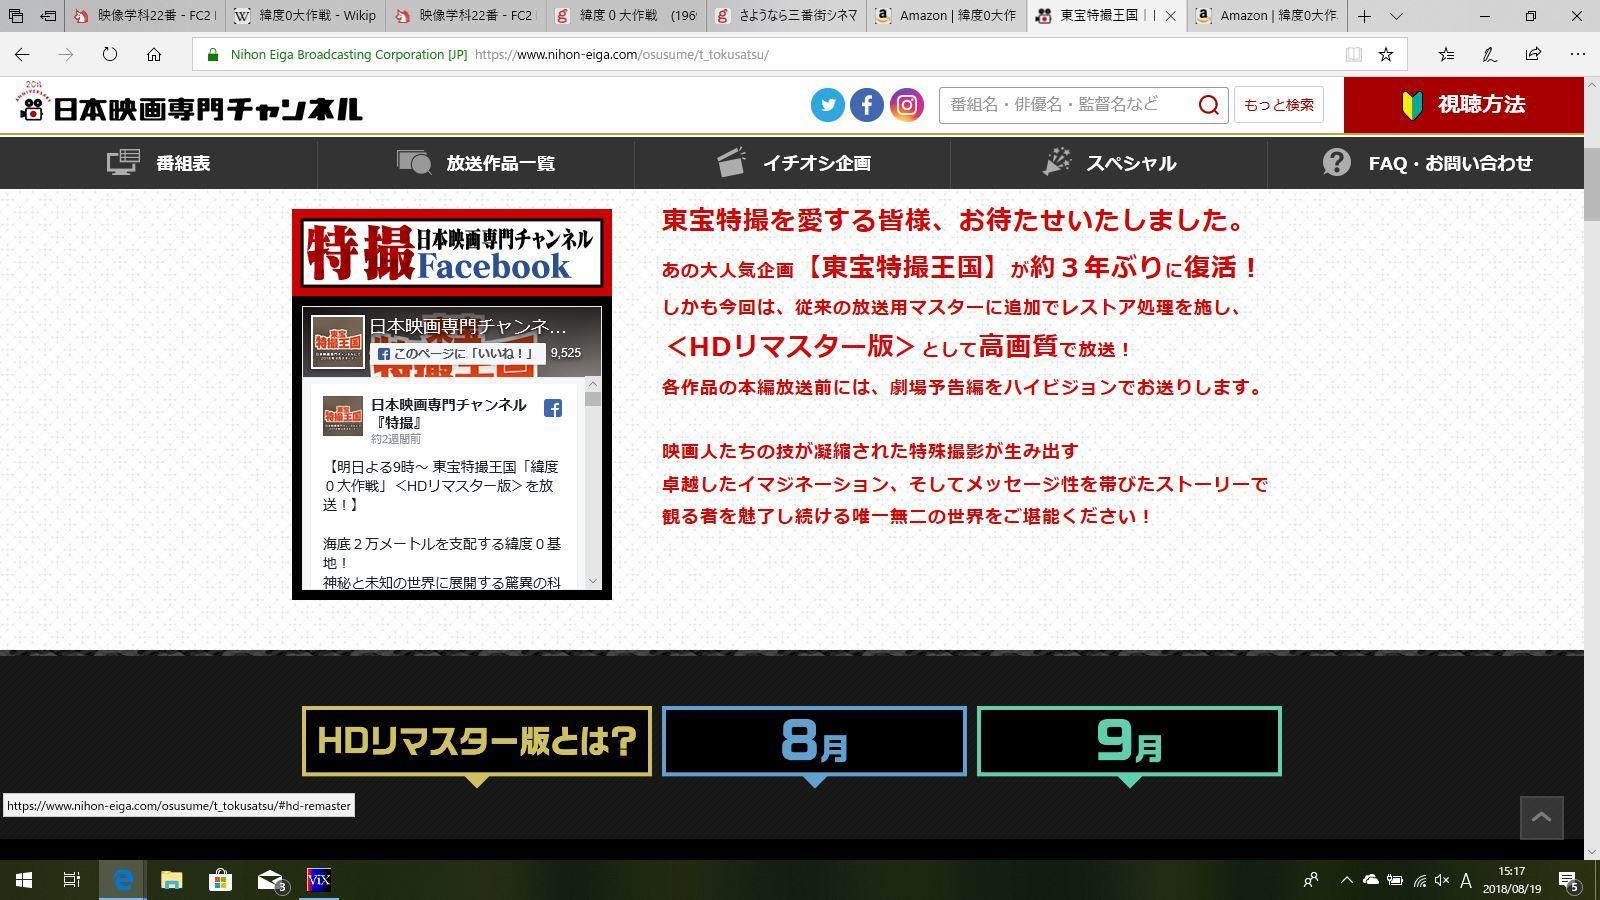 日本映画専門チャンネル「10月は?」